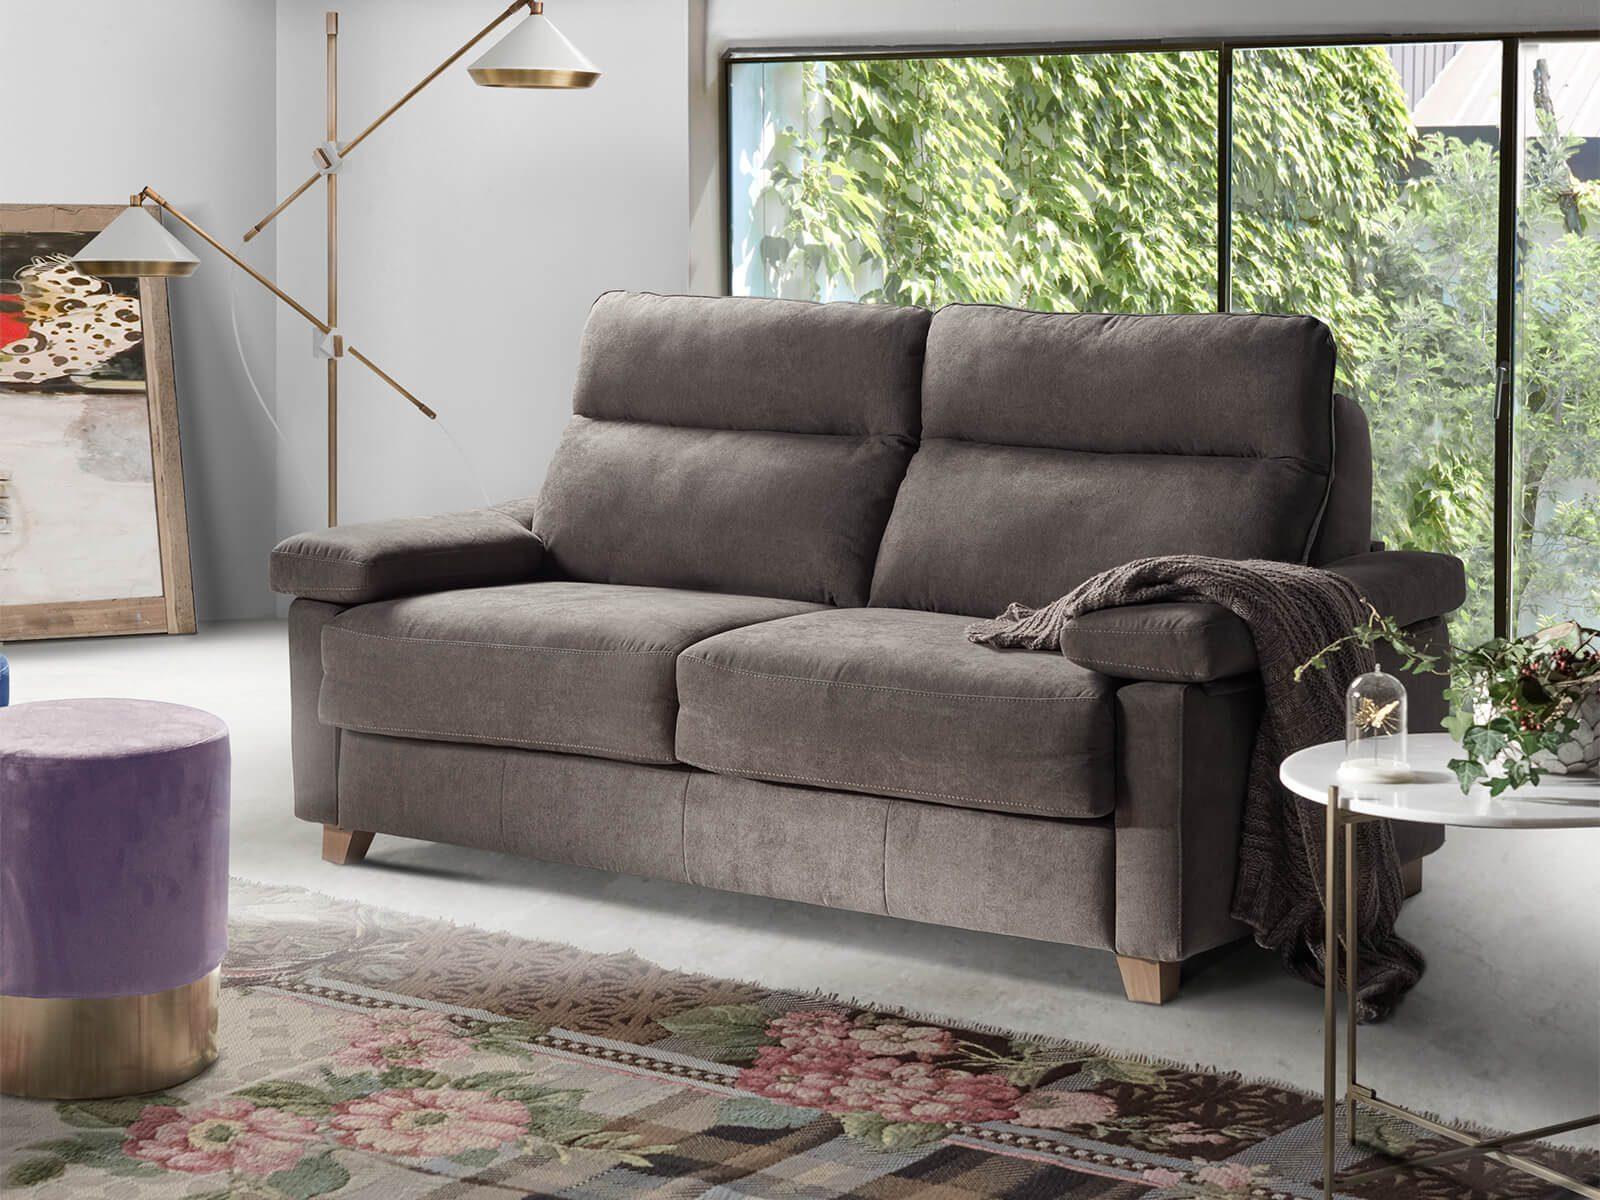 Divano Comodo Per Dormire divani vitarelax: i migliori divani letto - punto tessile